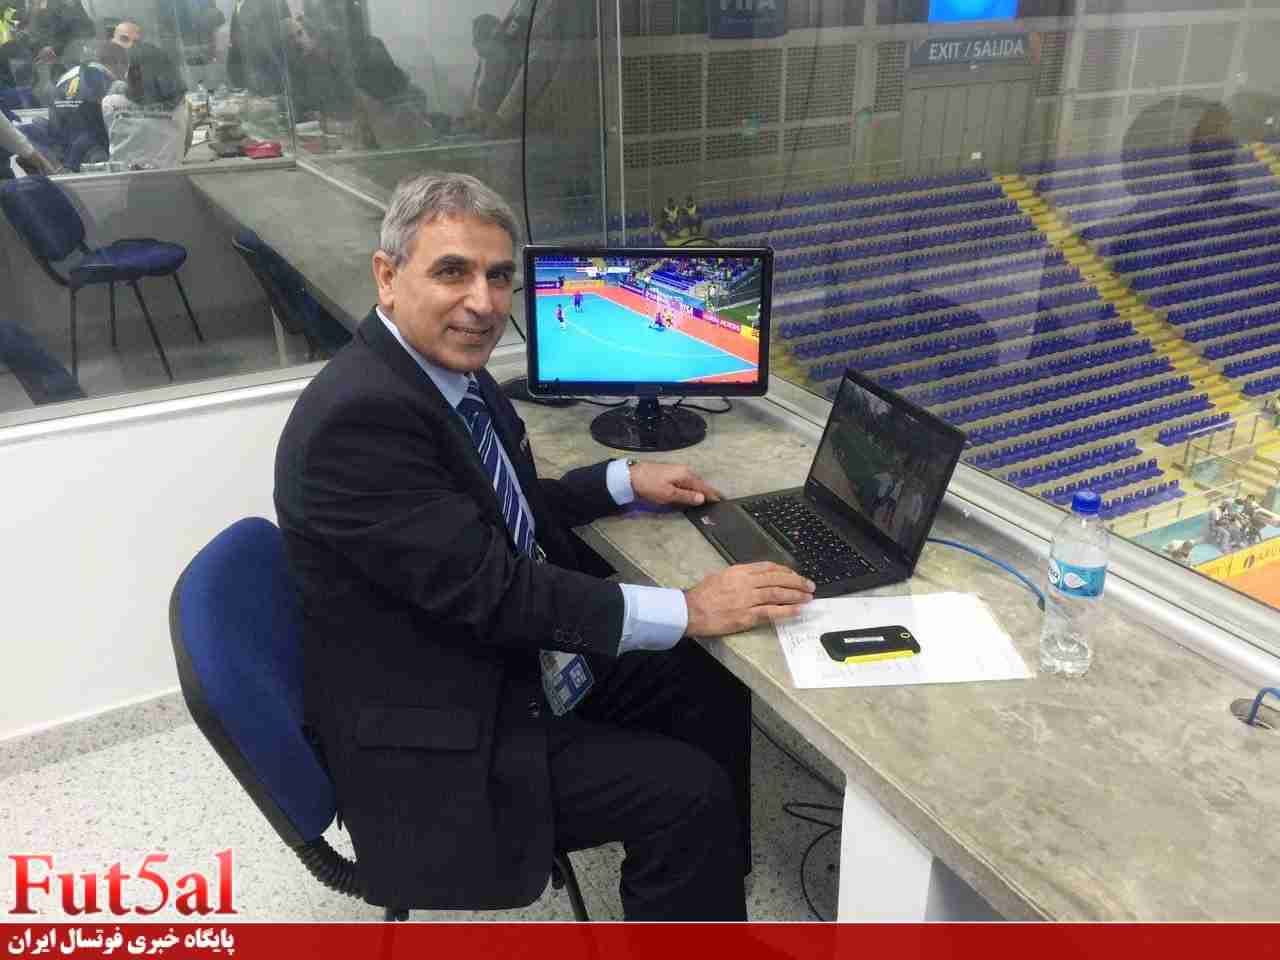 تارقلی زاده : لیگ ایران کیفیت بالایی دارد/ گیتی پسند یک تیم برند  با بازیکنان زیاد ملی است